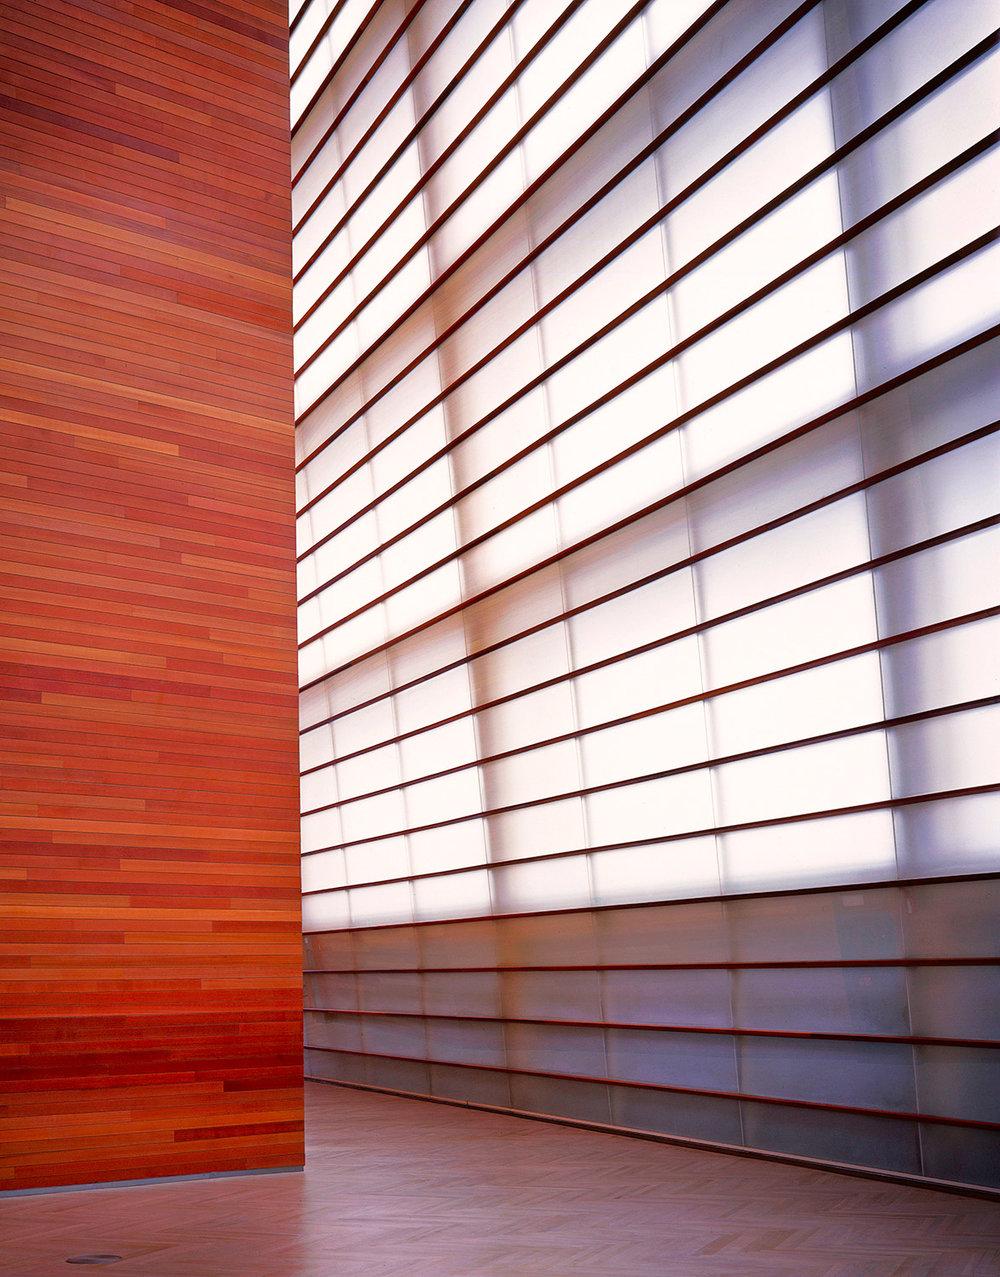 Kursaal Auditorium  | Rafael Moneo | Donostia